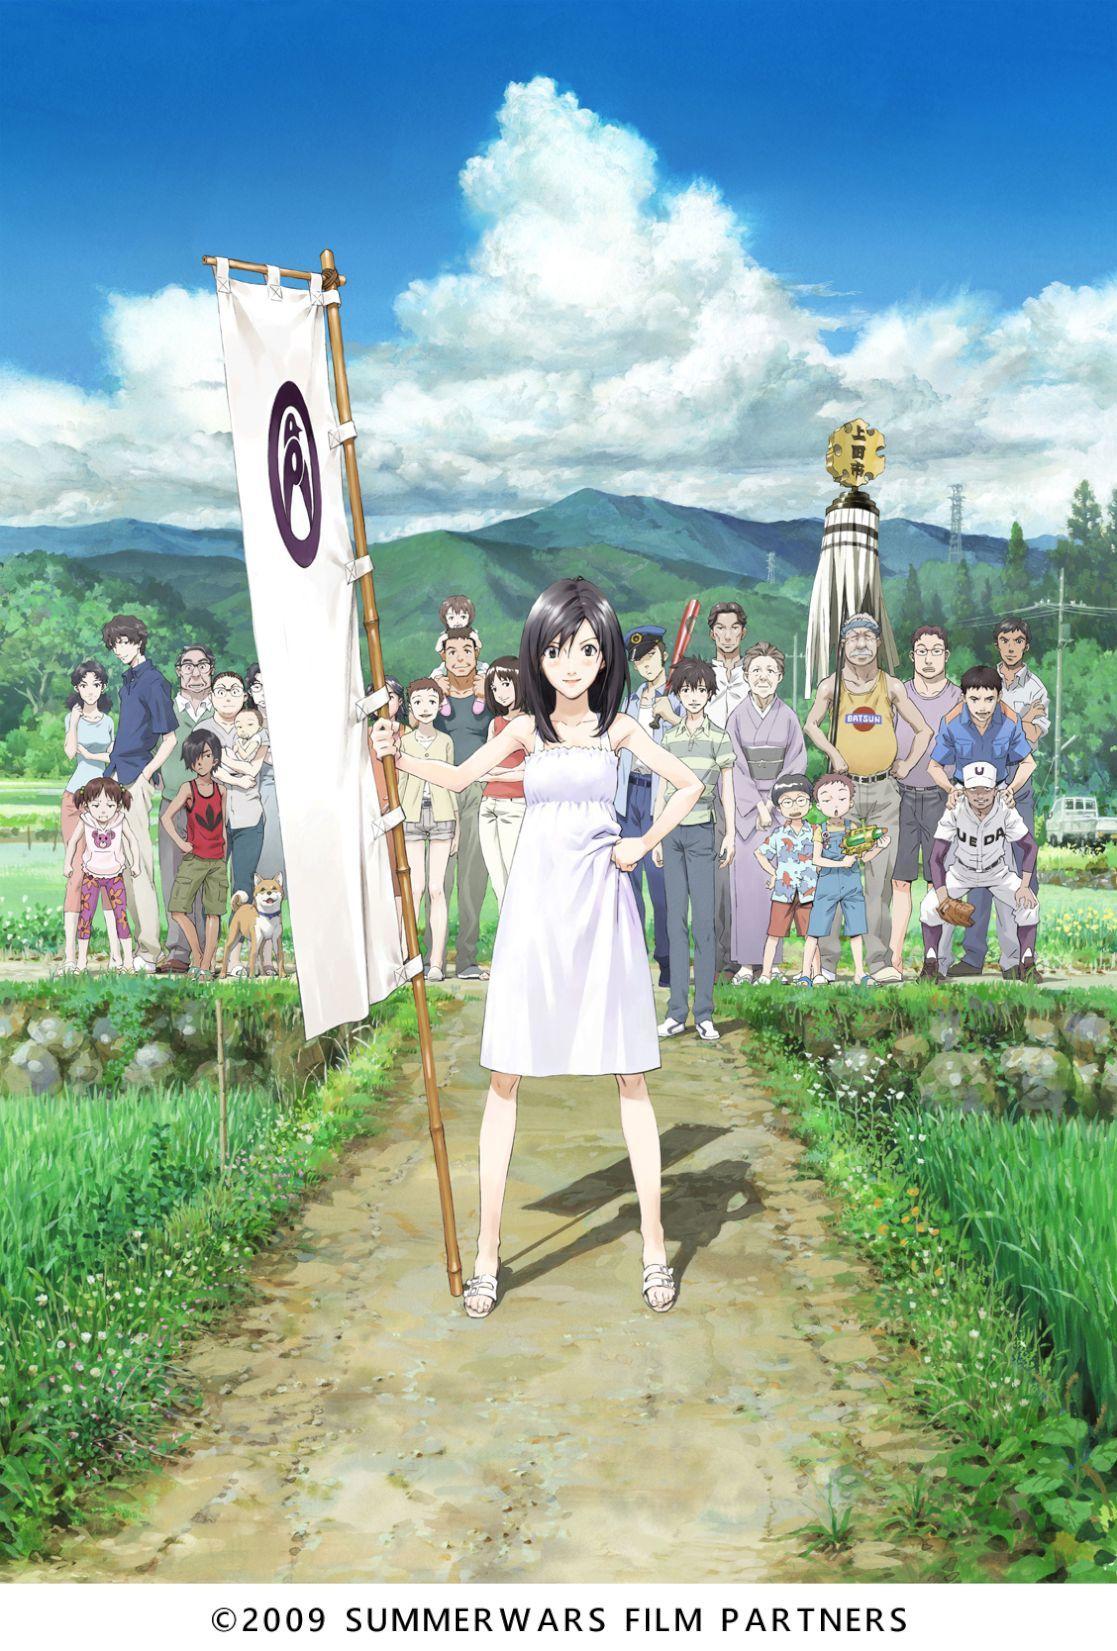 『サマーウォーズ』キービジュアル (C)2009 SUMMERWARS FILM PARTNERS